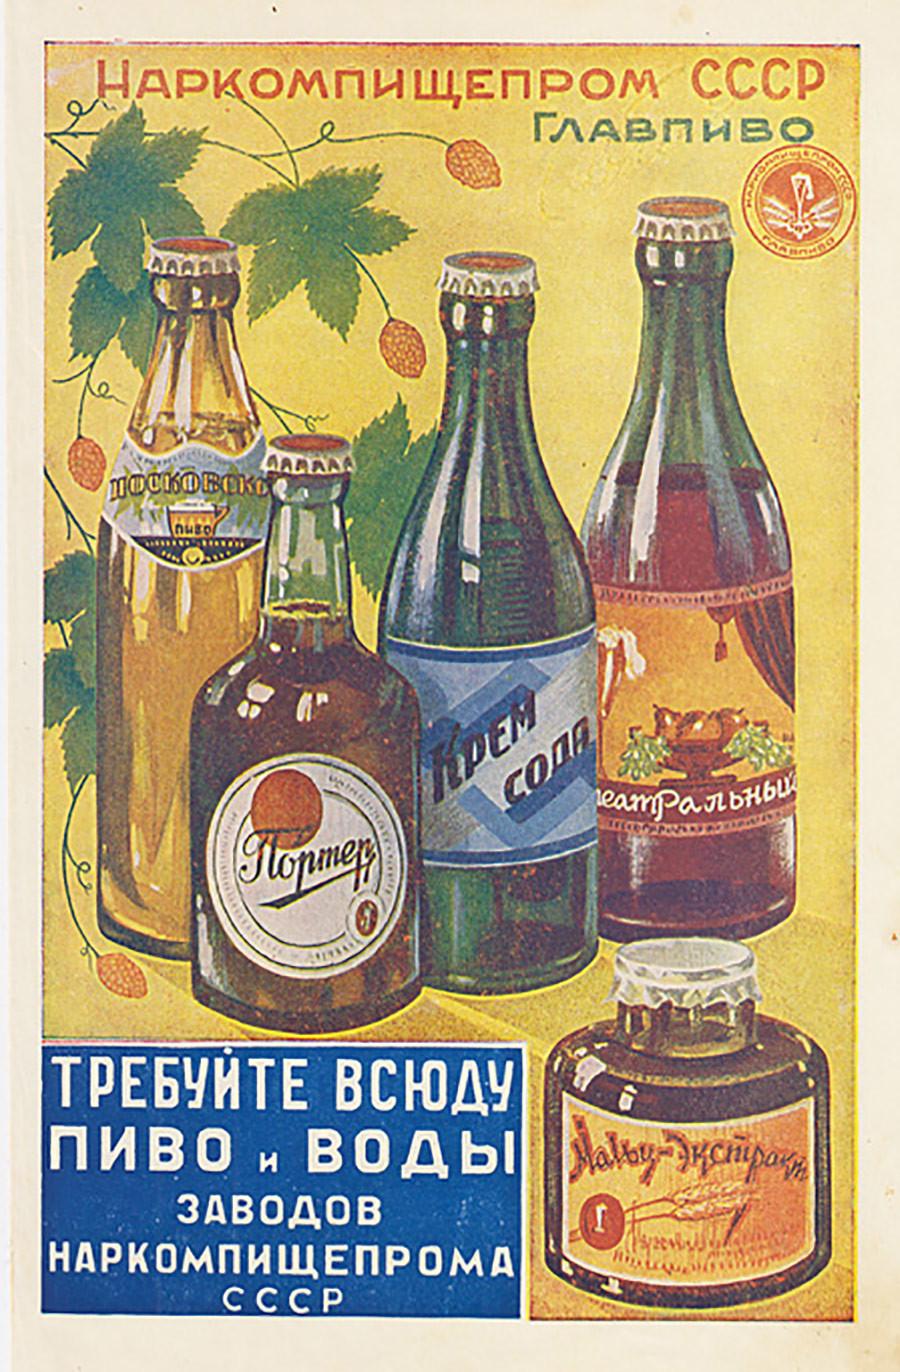 Exigez de la bière et de l'eau produits par les usines du commissaire du peuple à l'Industrie agroalimentaire d'URSS